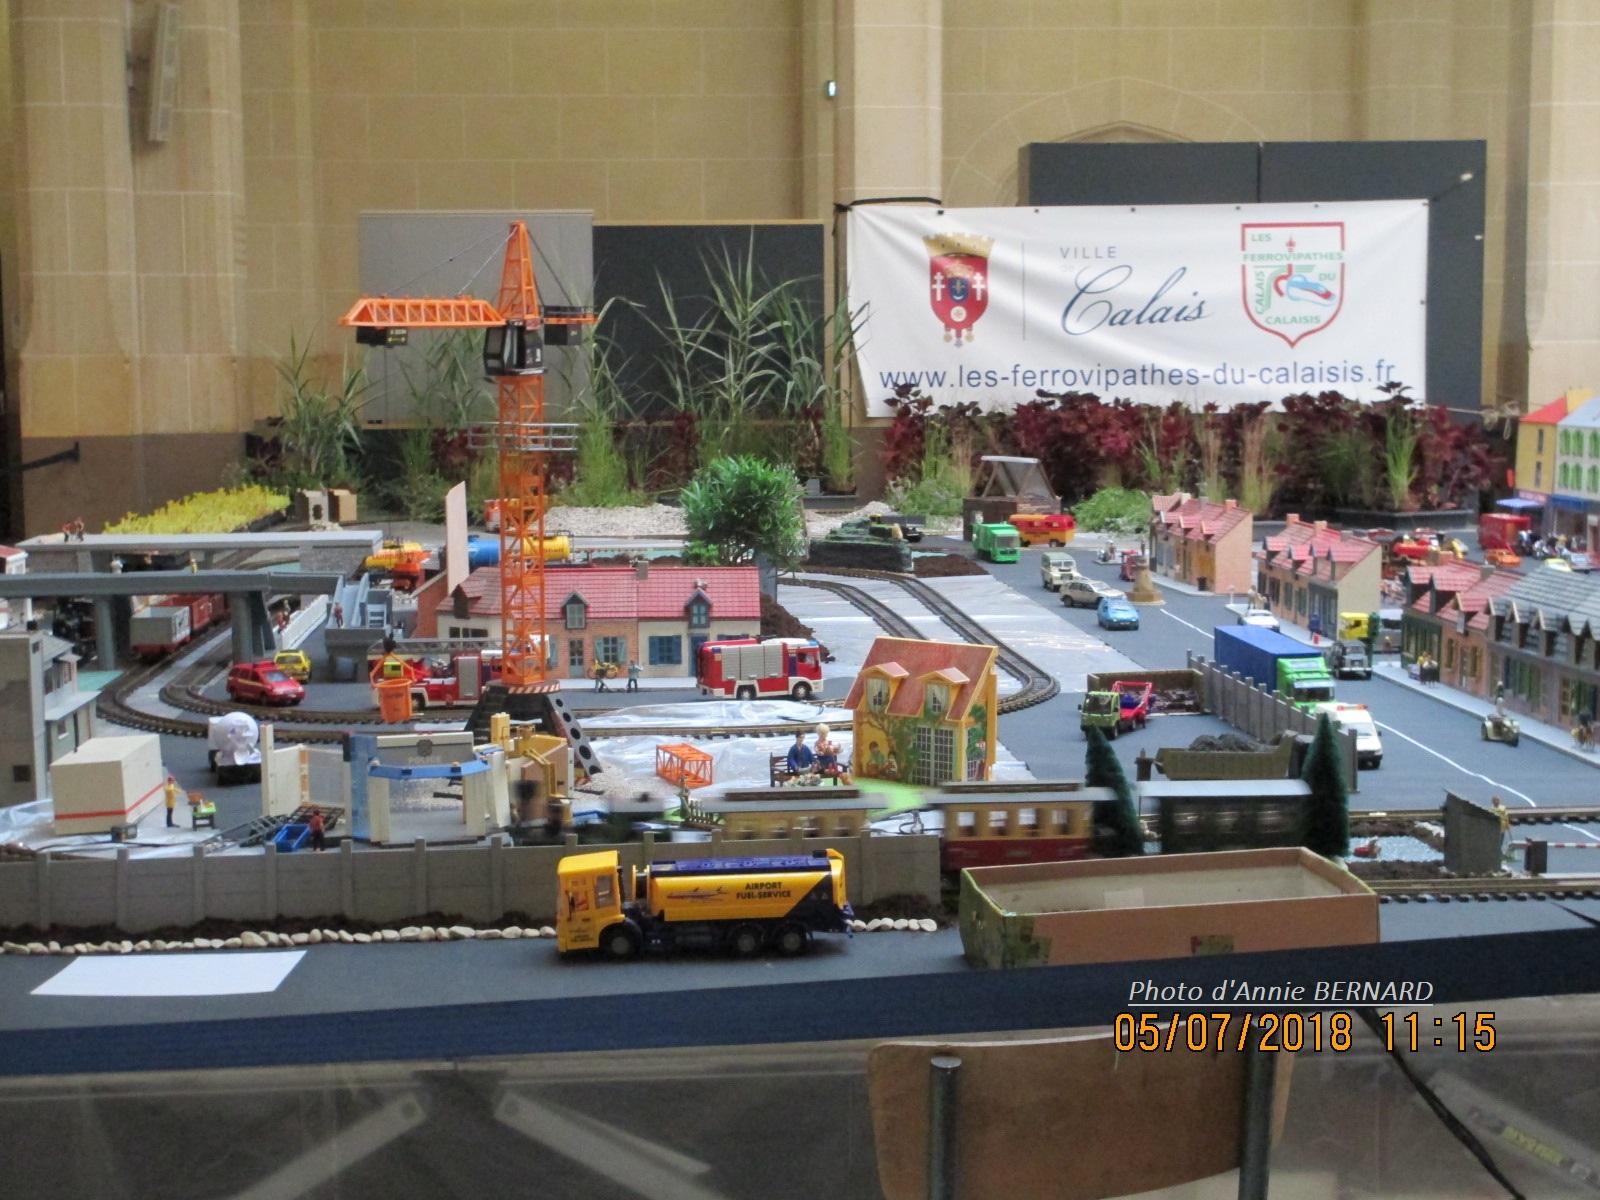 Exposition des Ferrovipathes du Calaisis